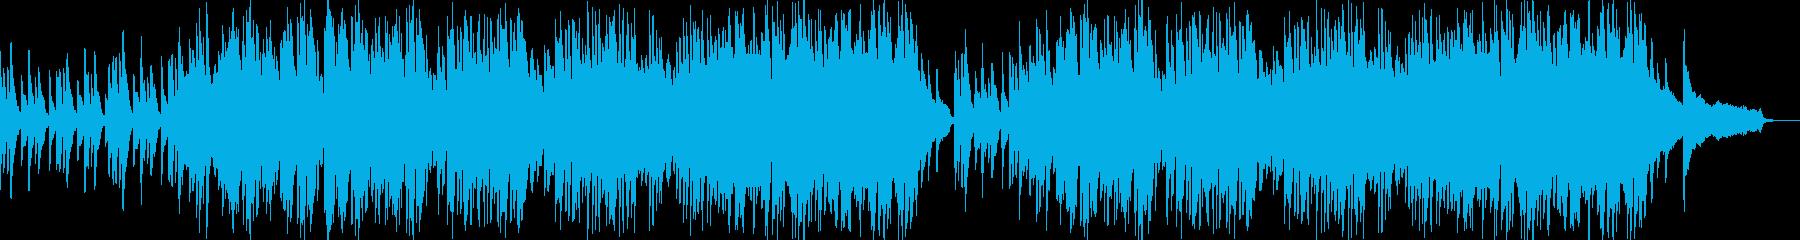 ポップなピアノ曲の再生済みの波形